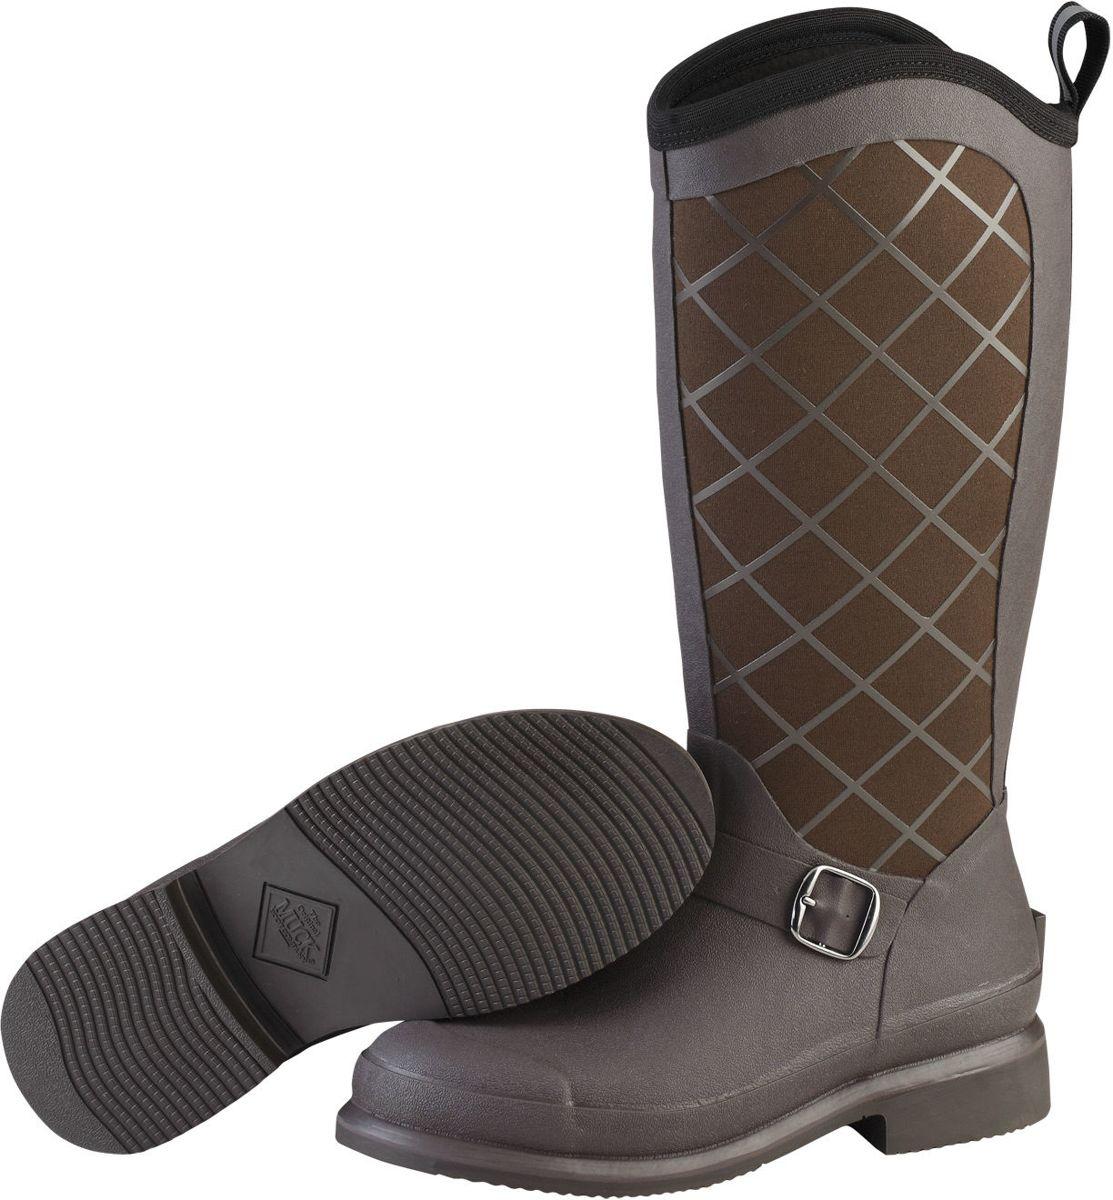 Muck Boot Pacy II Rijlaarzen - Bruin - Dames - Maat 36